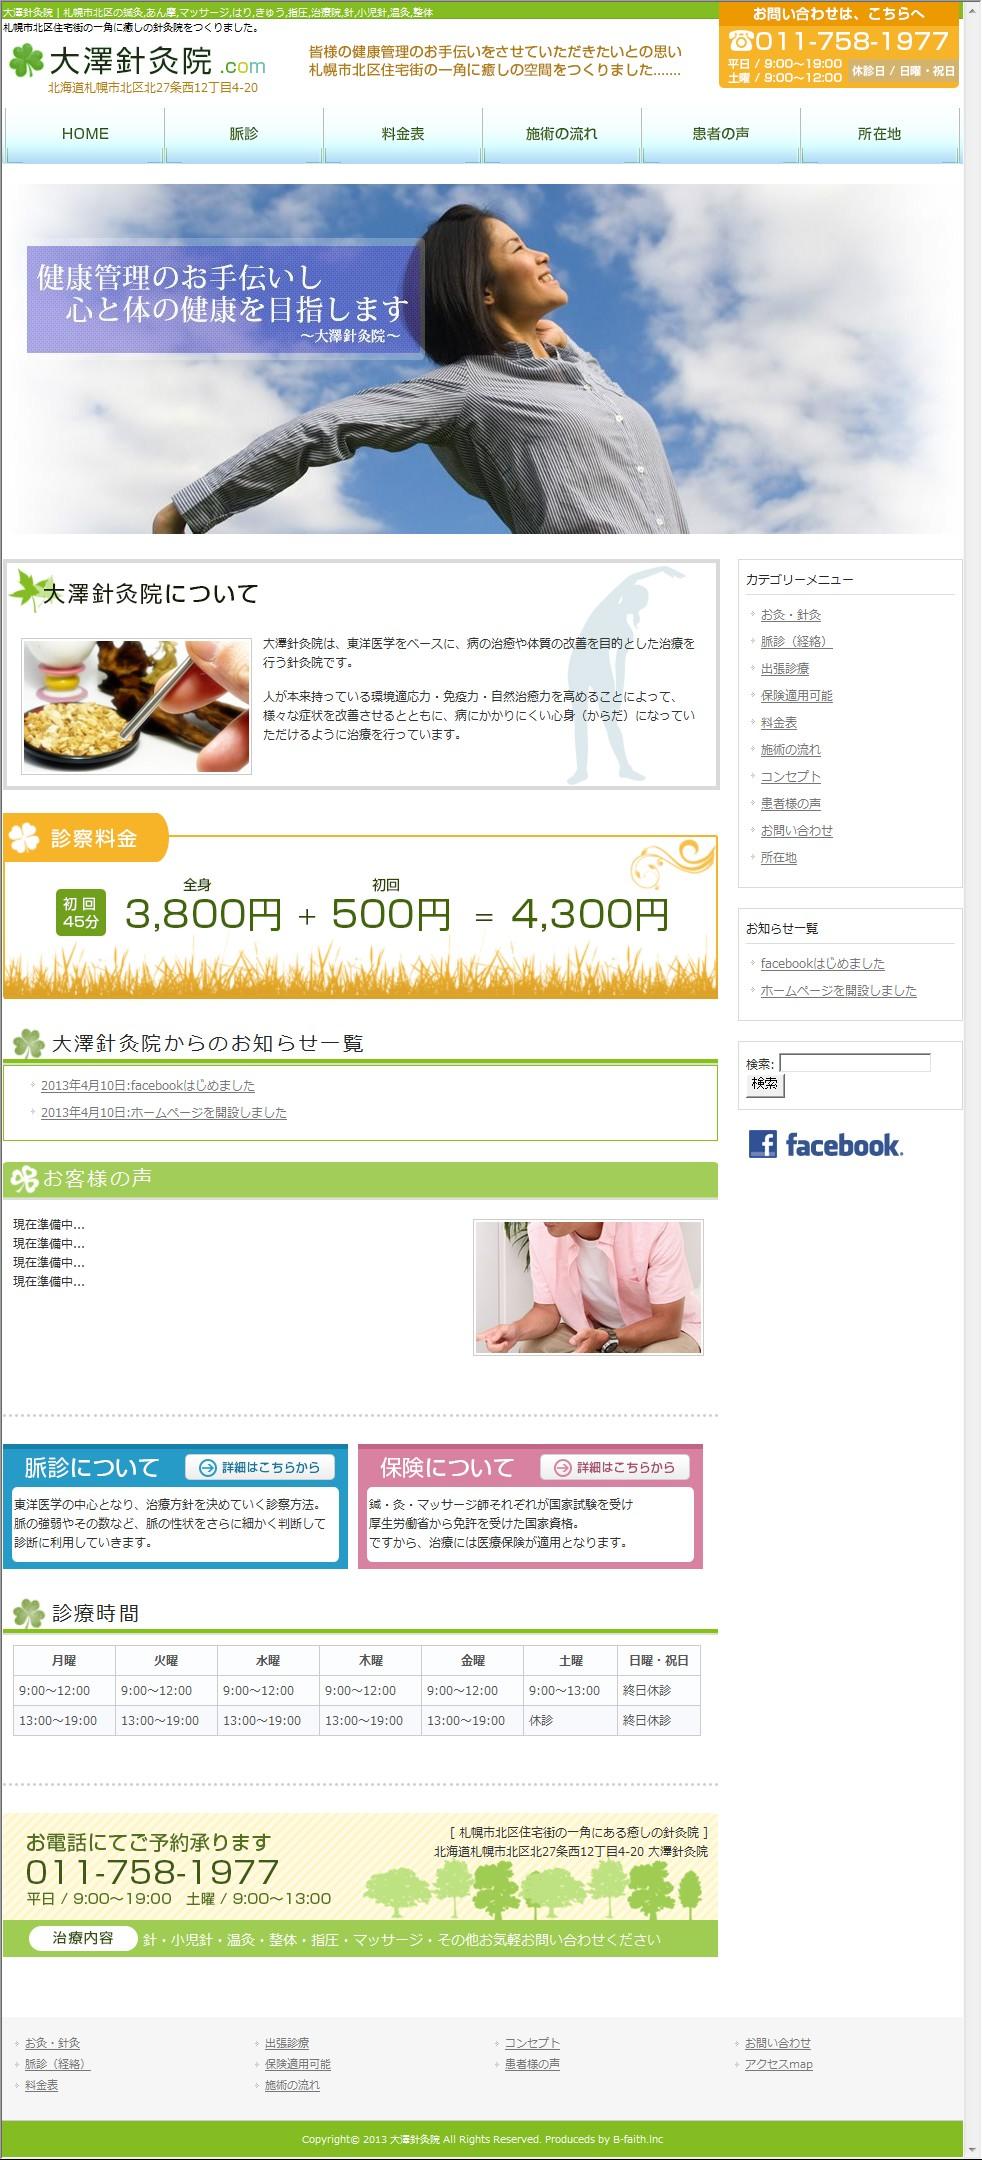 大澤鍼灸院